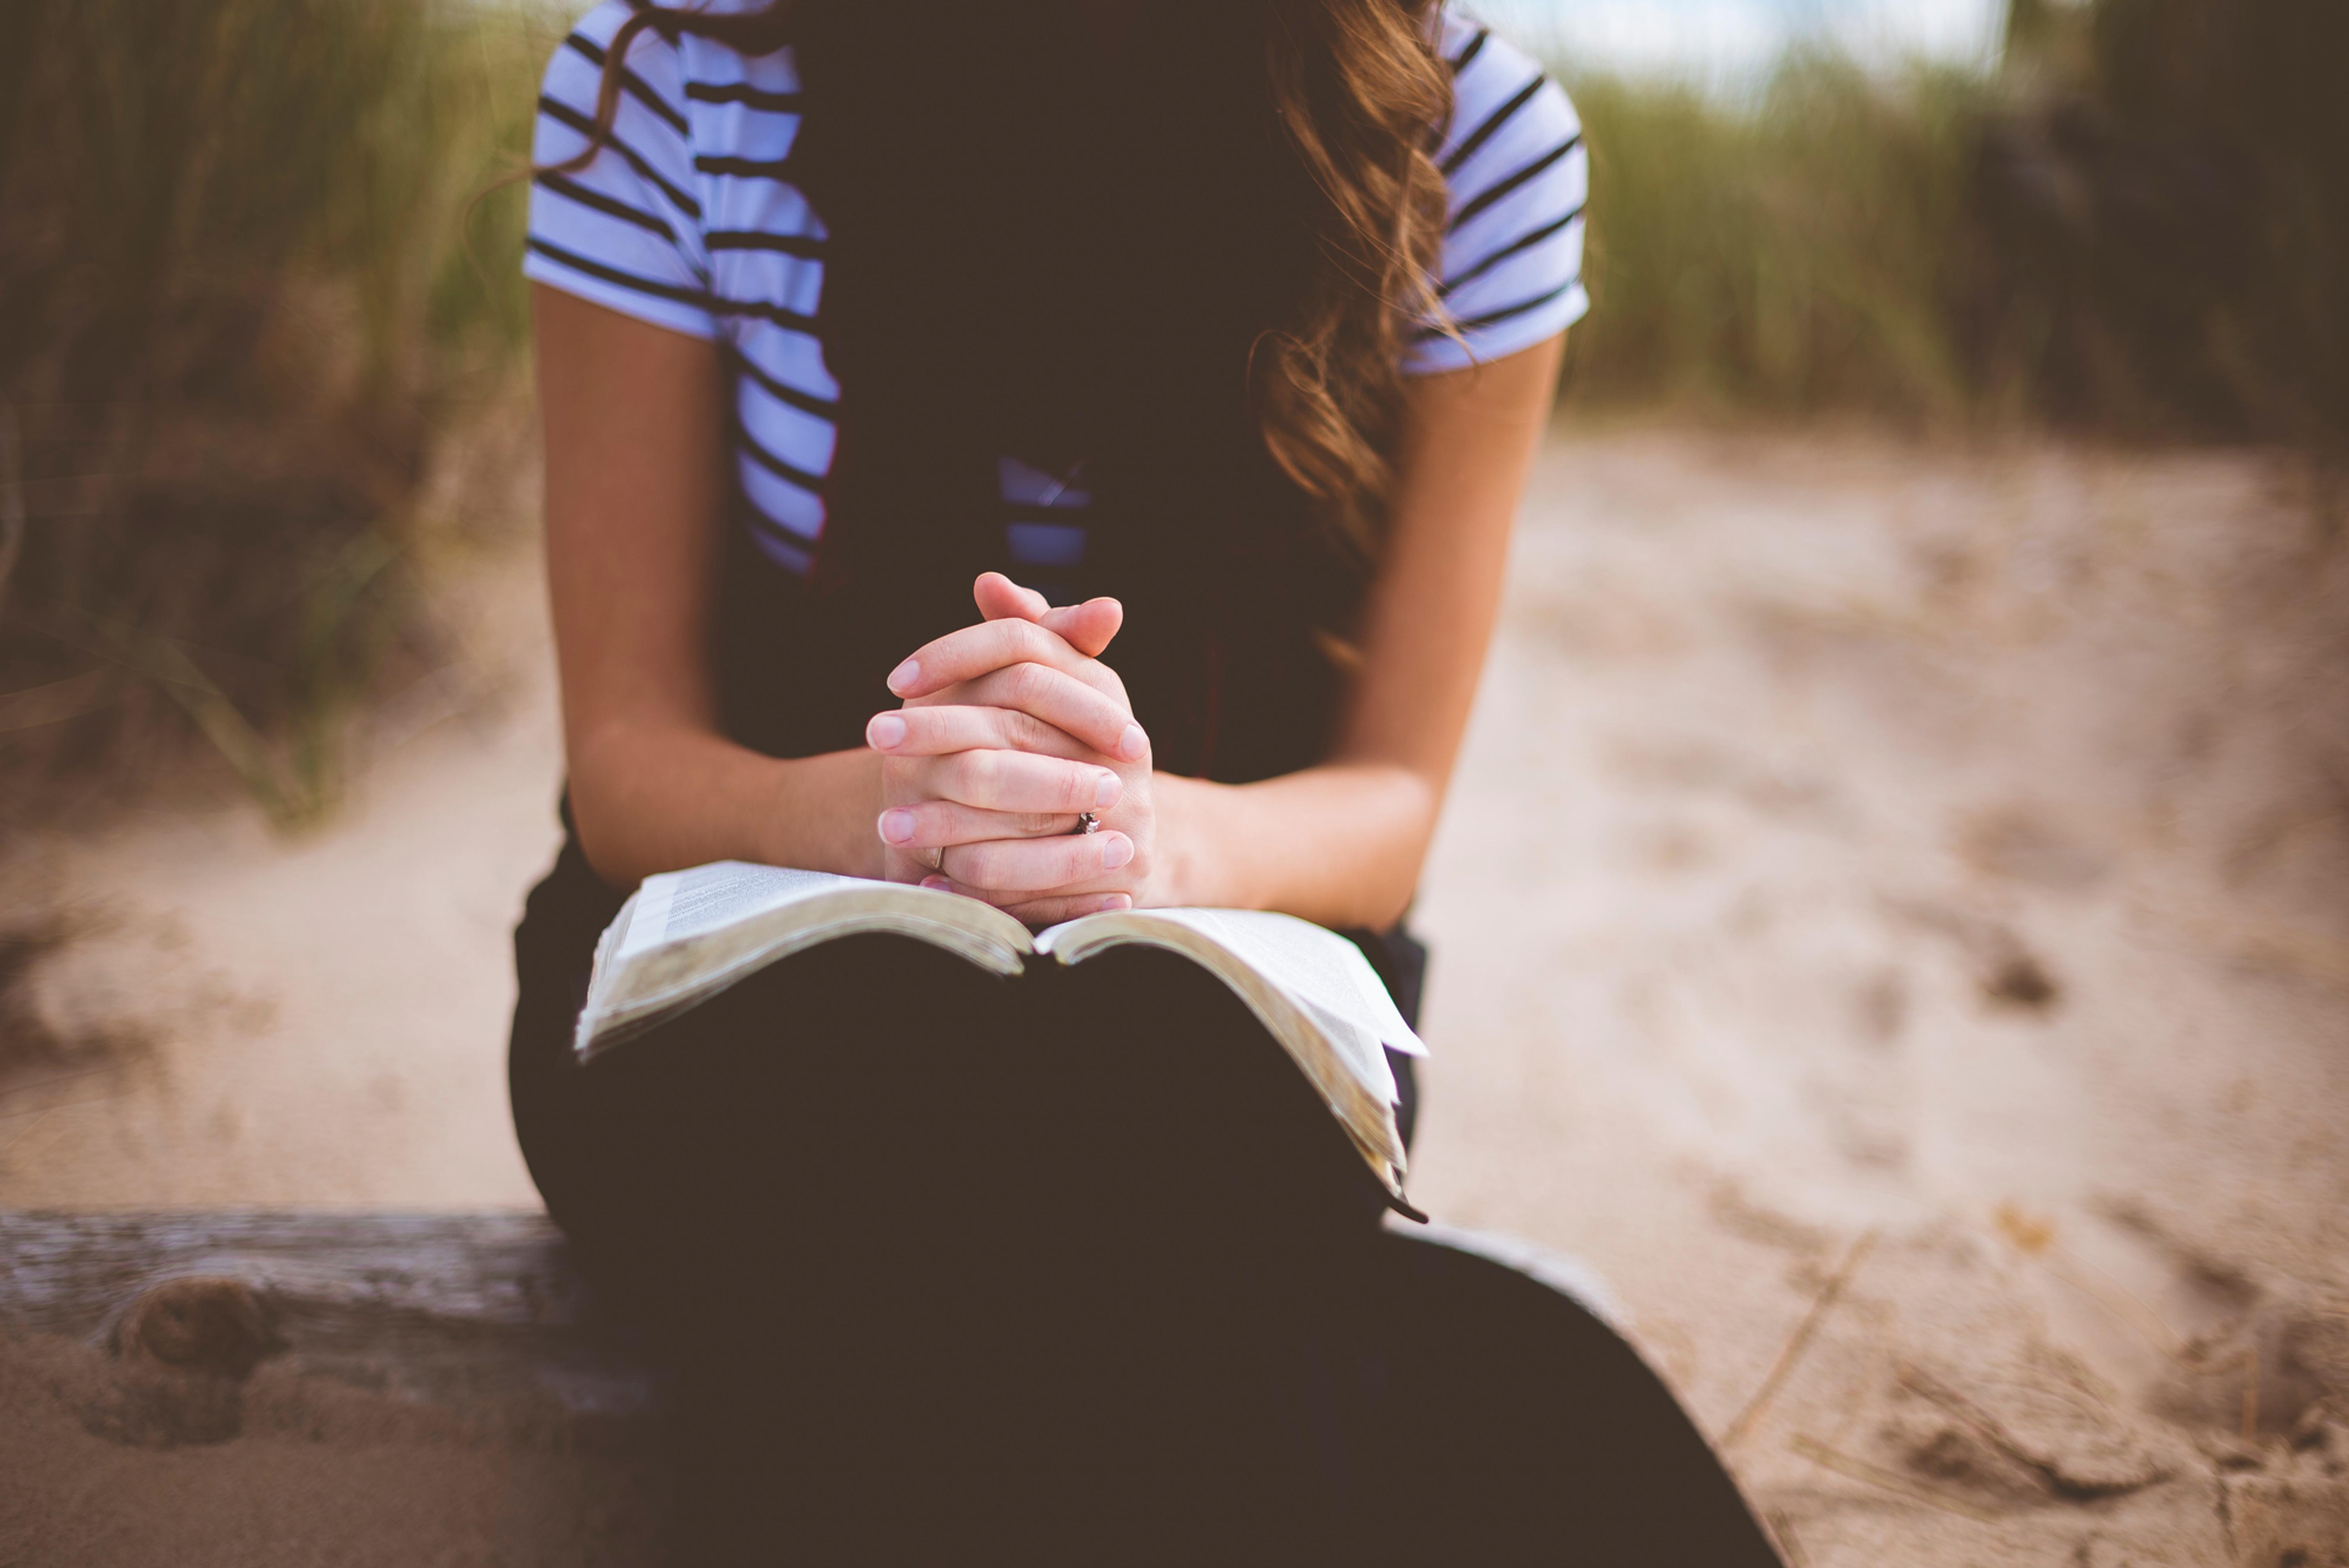 Enneagram & The Christian Life